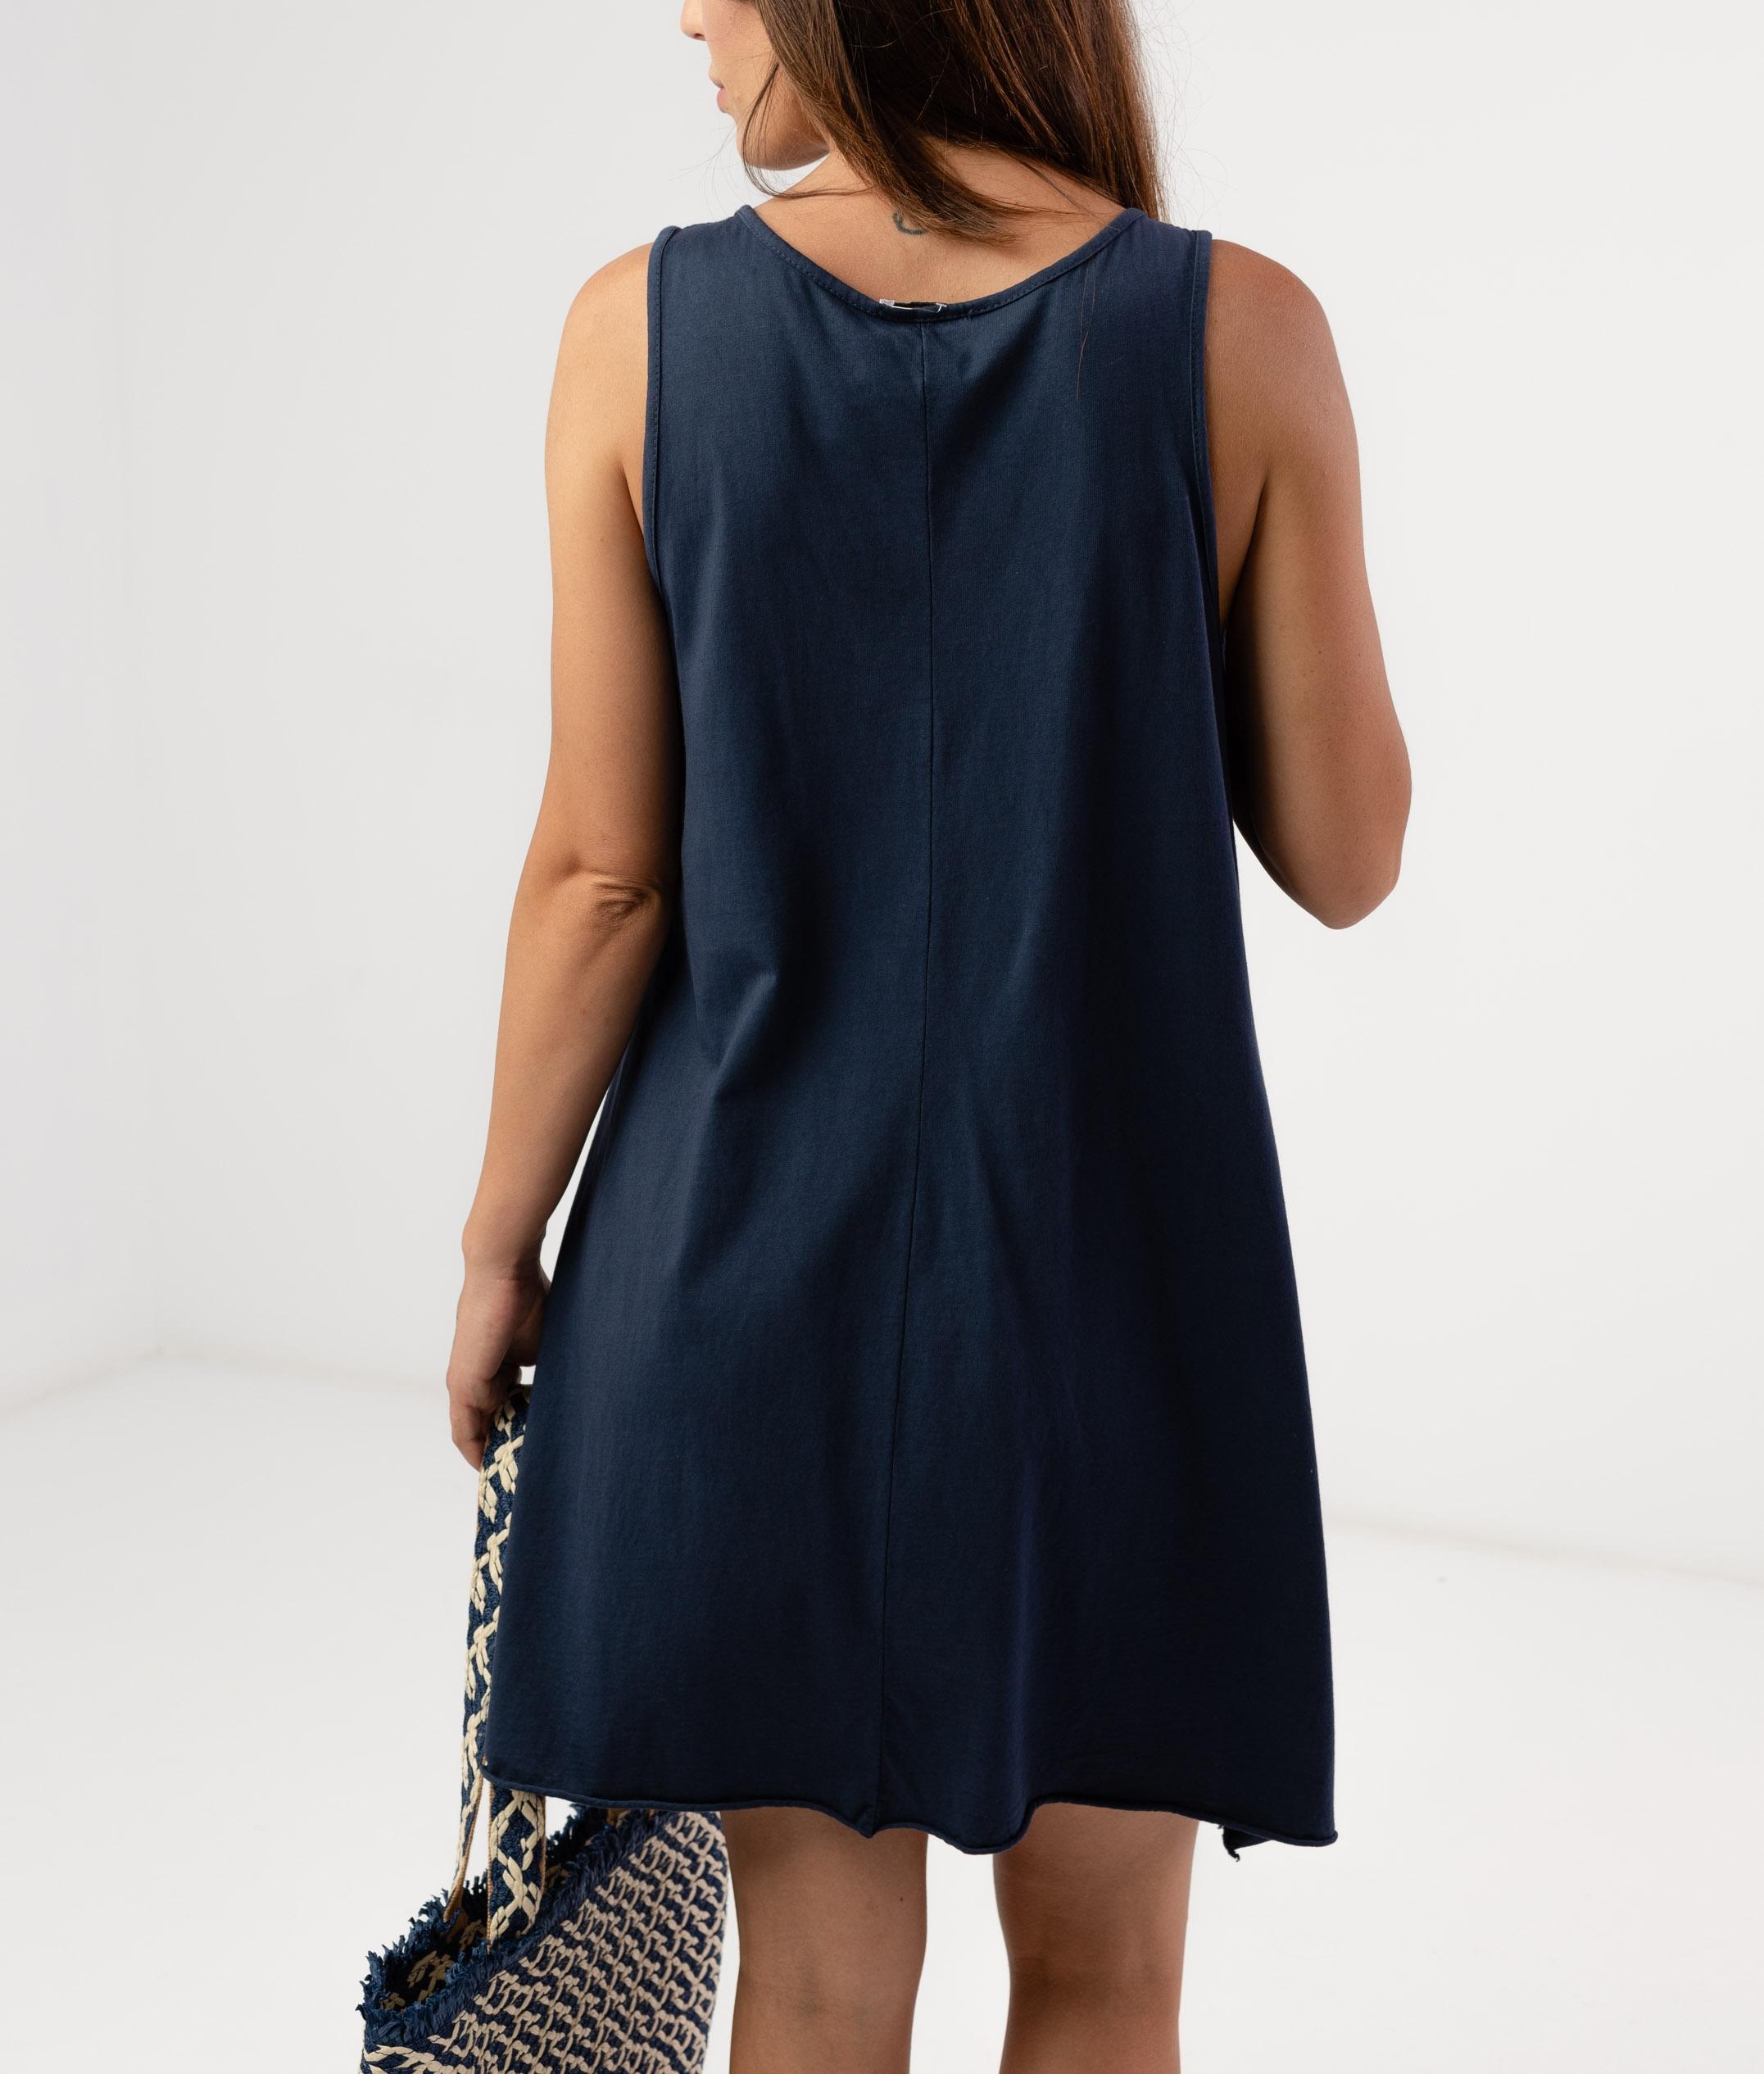 MENDRE DRESS - DARK BLUE